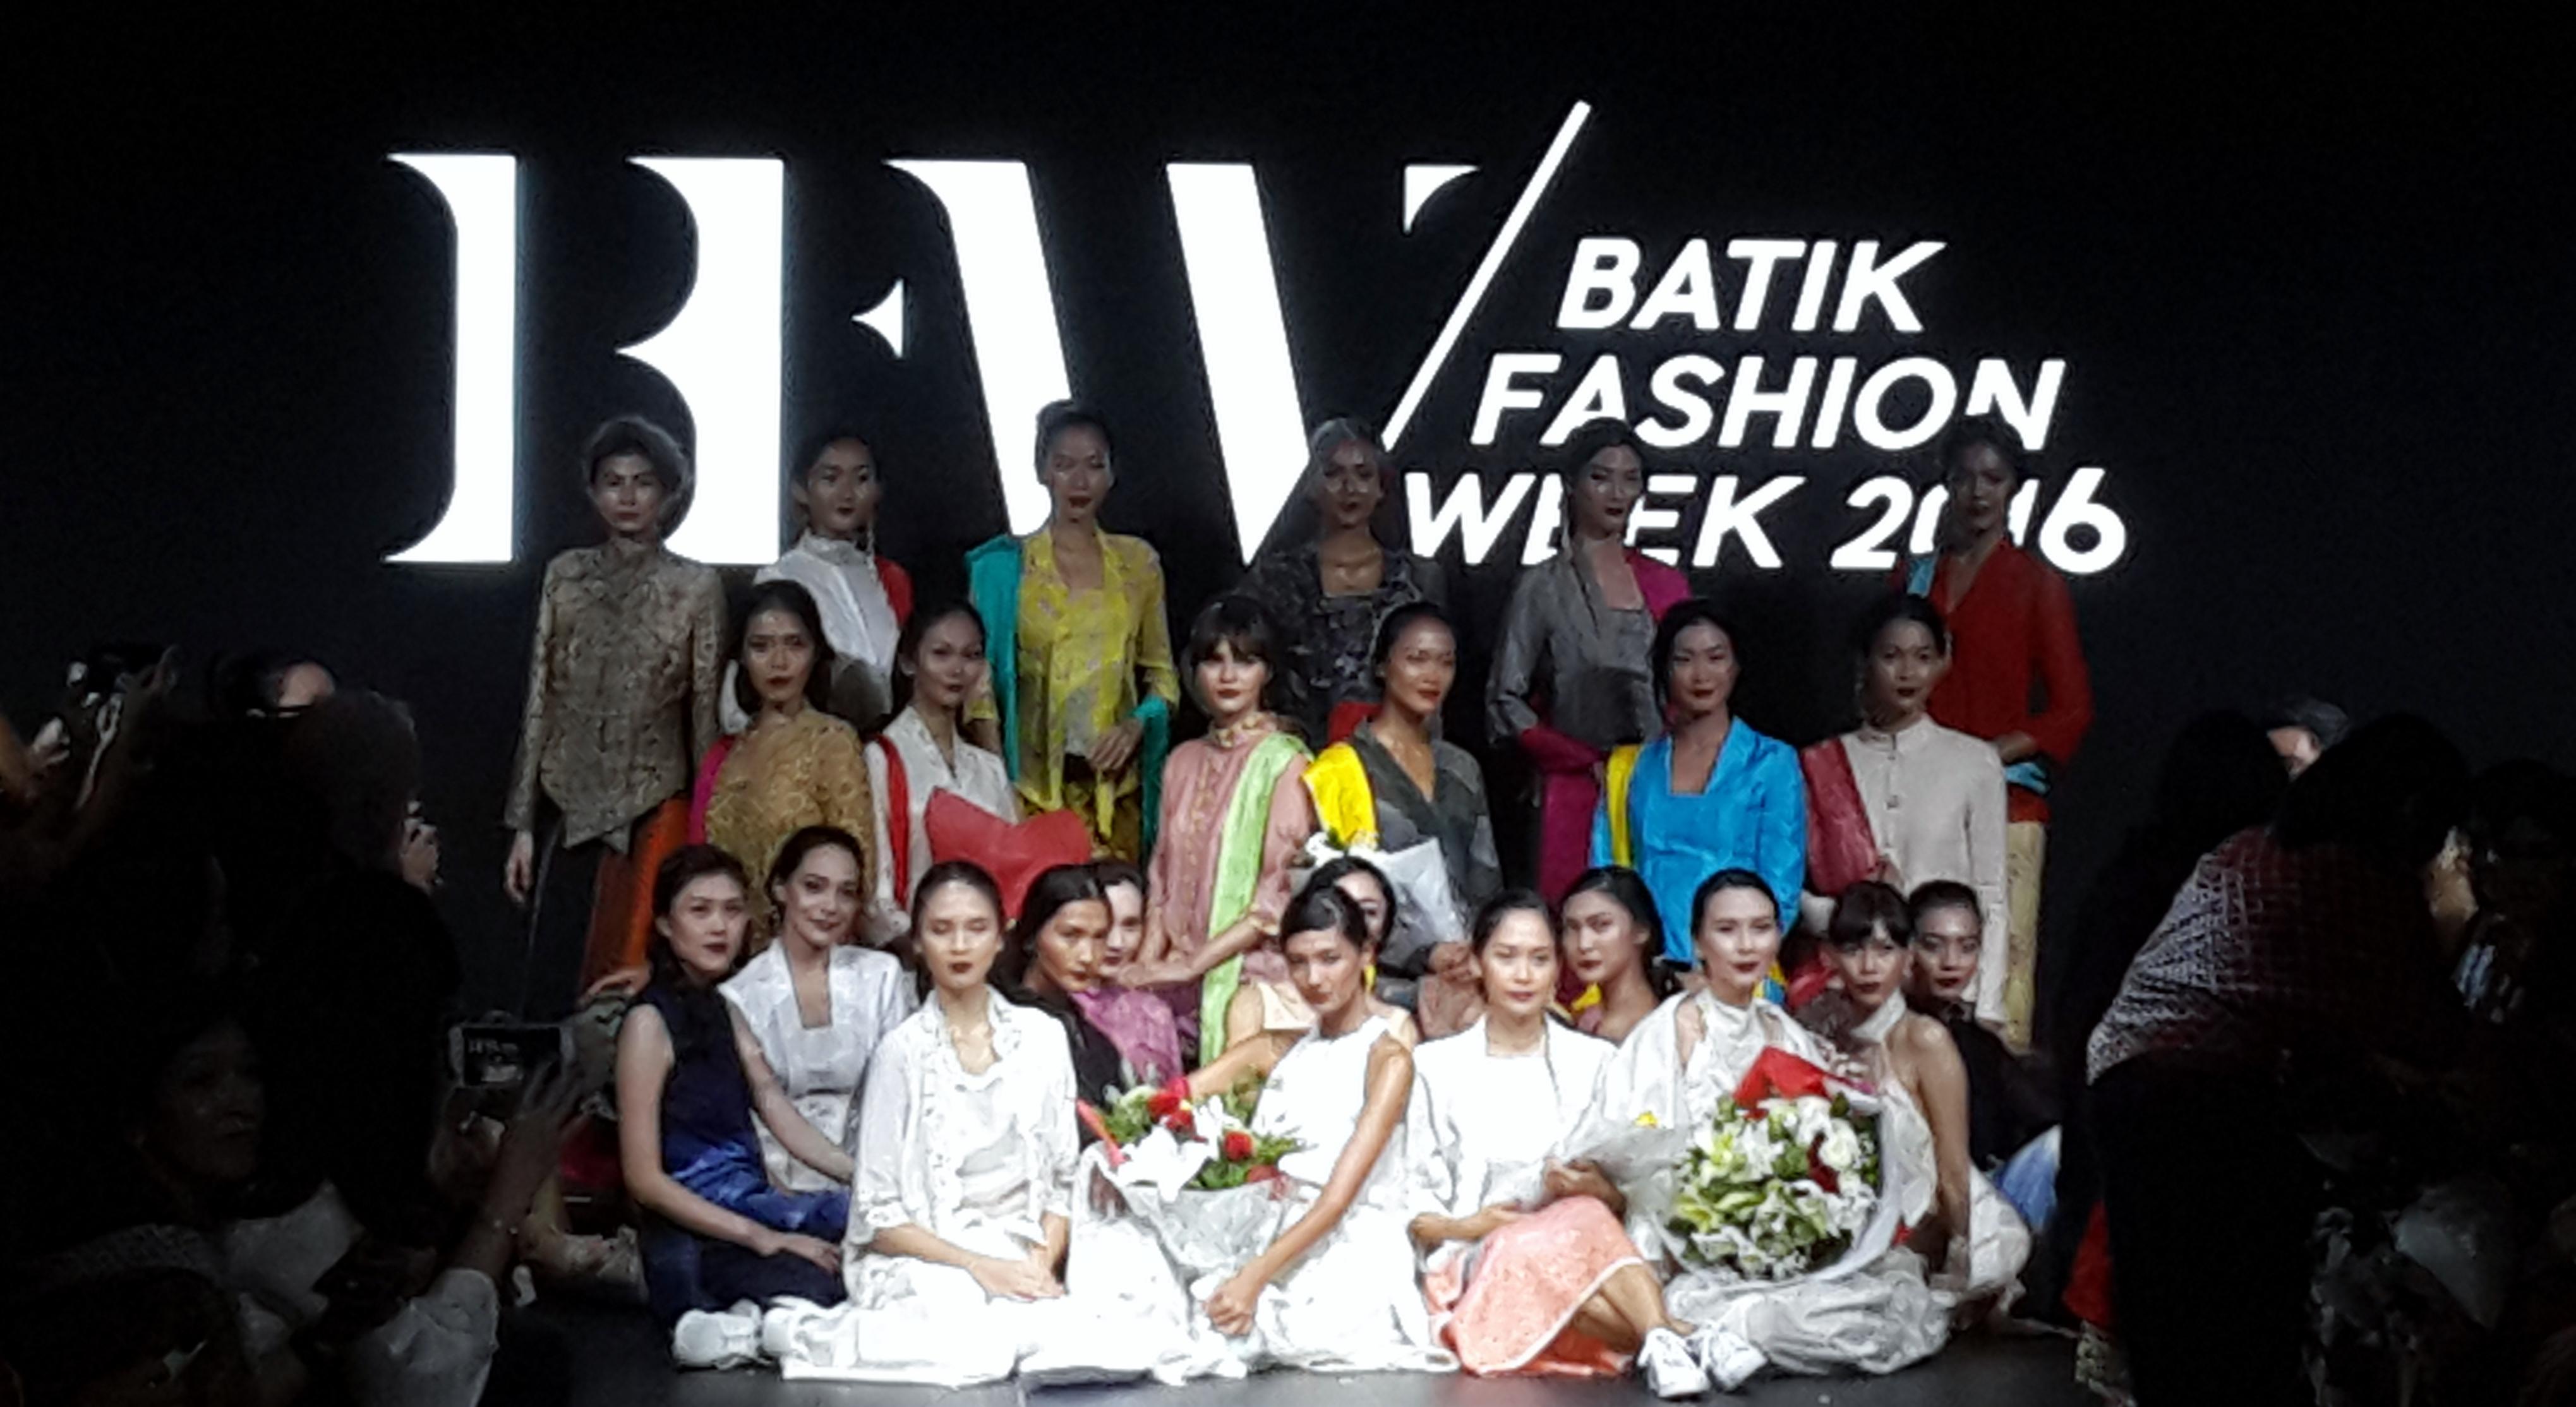 Batik Fashion Week 2016